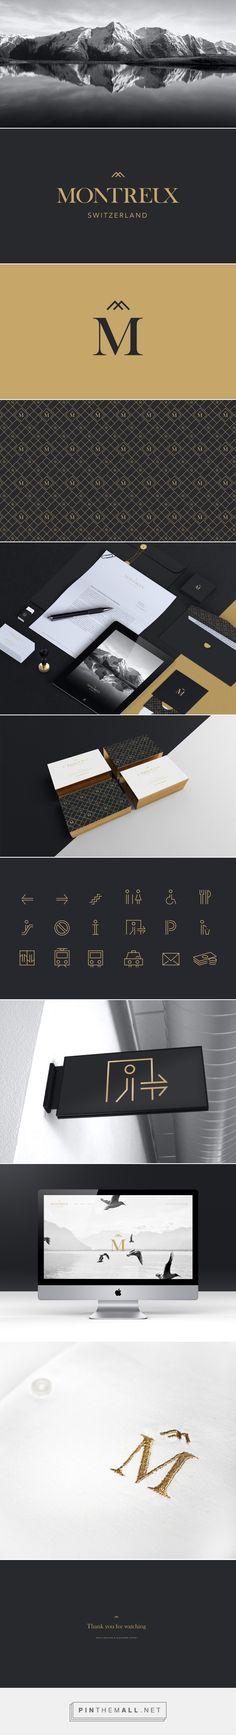 Mantener la misma identidad visual en todos los materiales de marketing y comunicación. Montreux   Branding on Behance... - a grouped images picture - Pin Them All